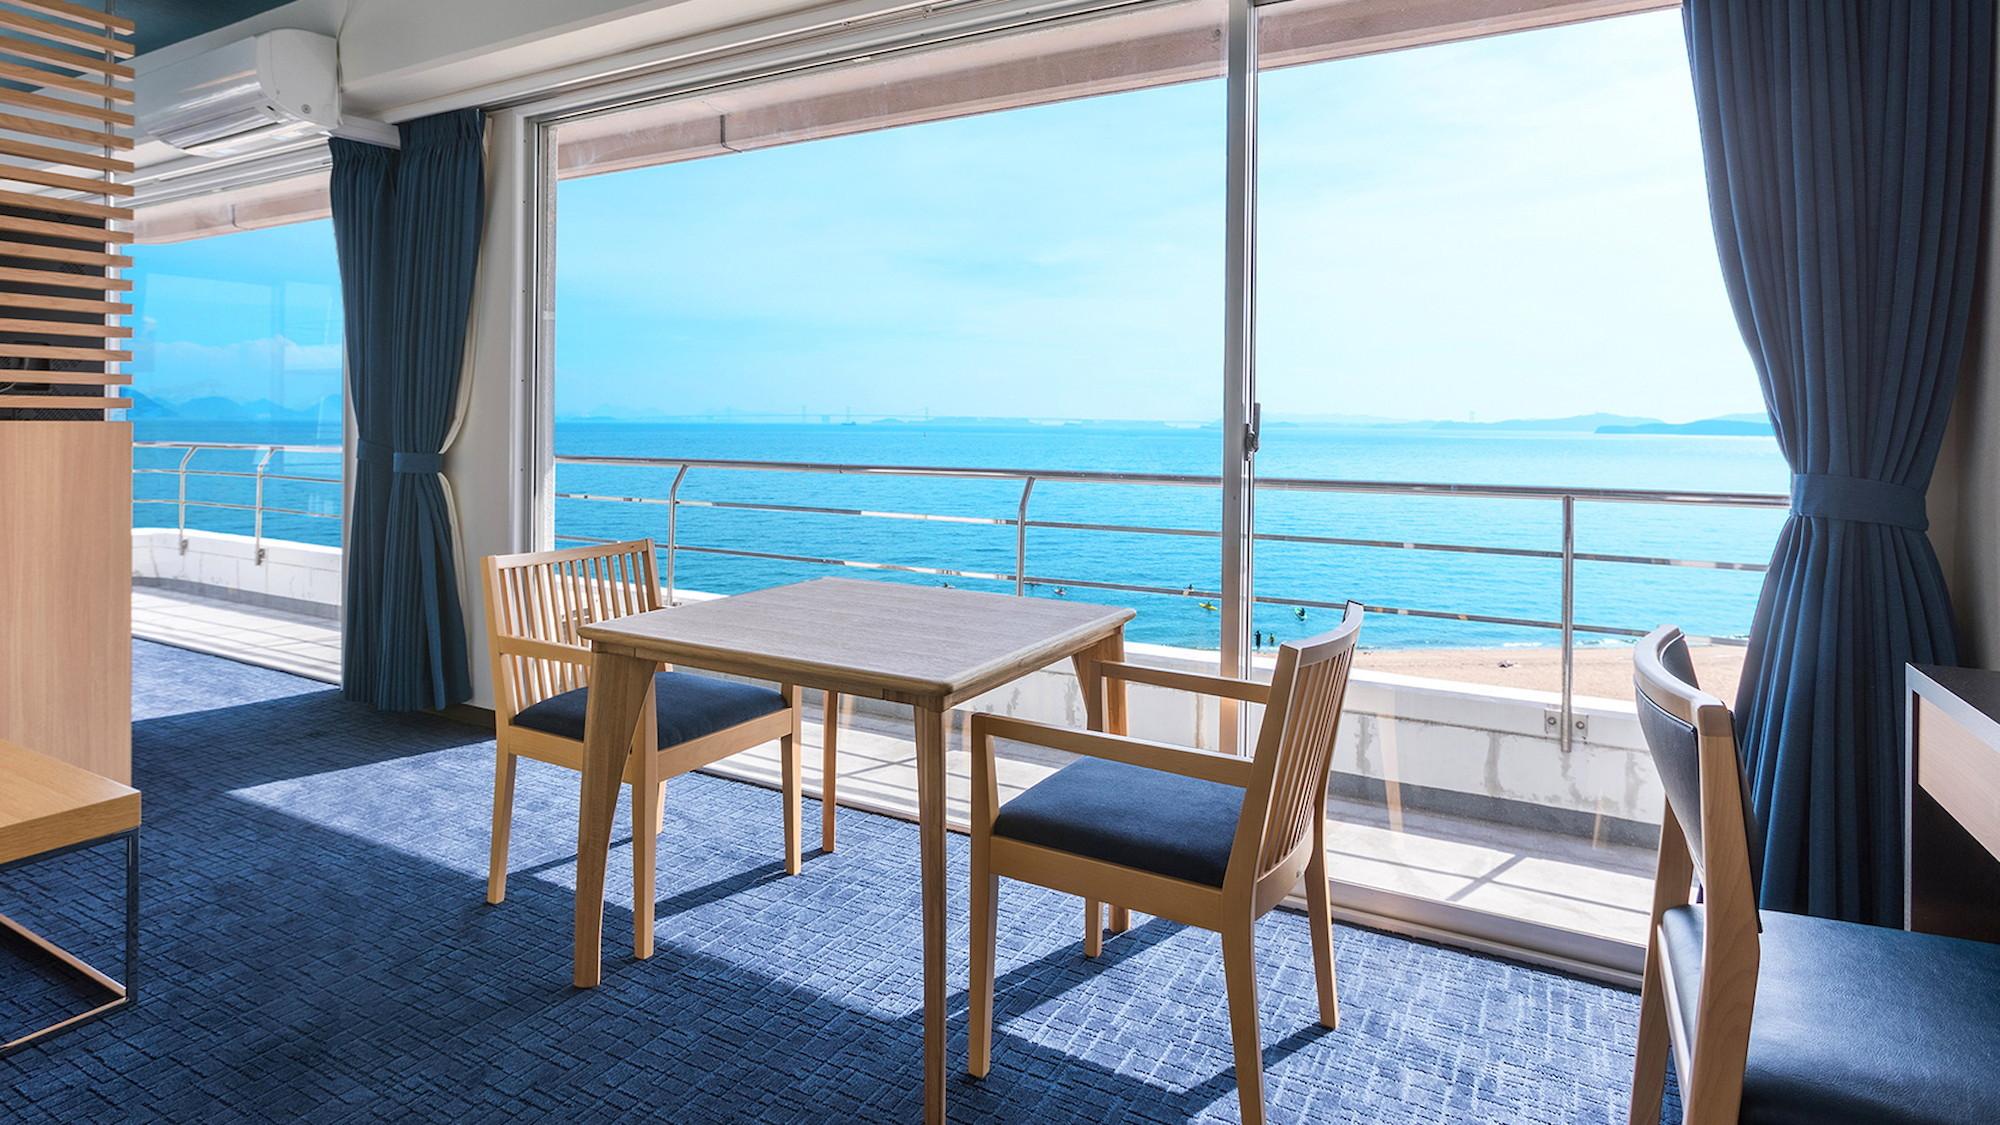 ダイヤモンド瀬戸内マリンホテルの客室の写真